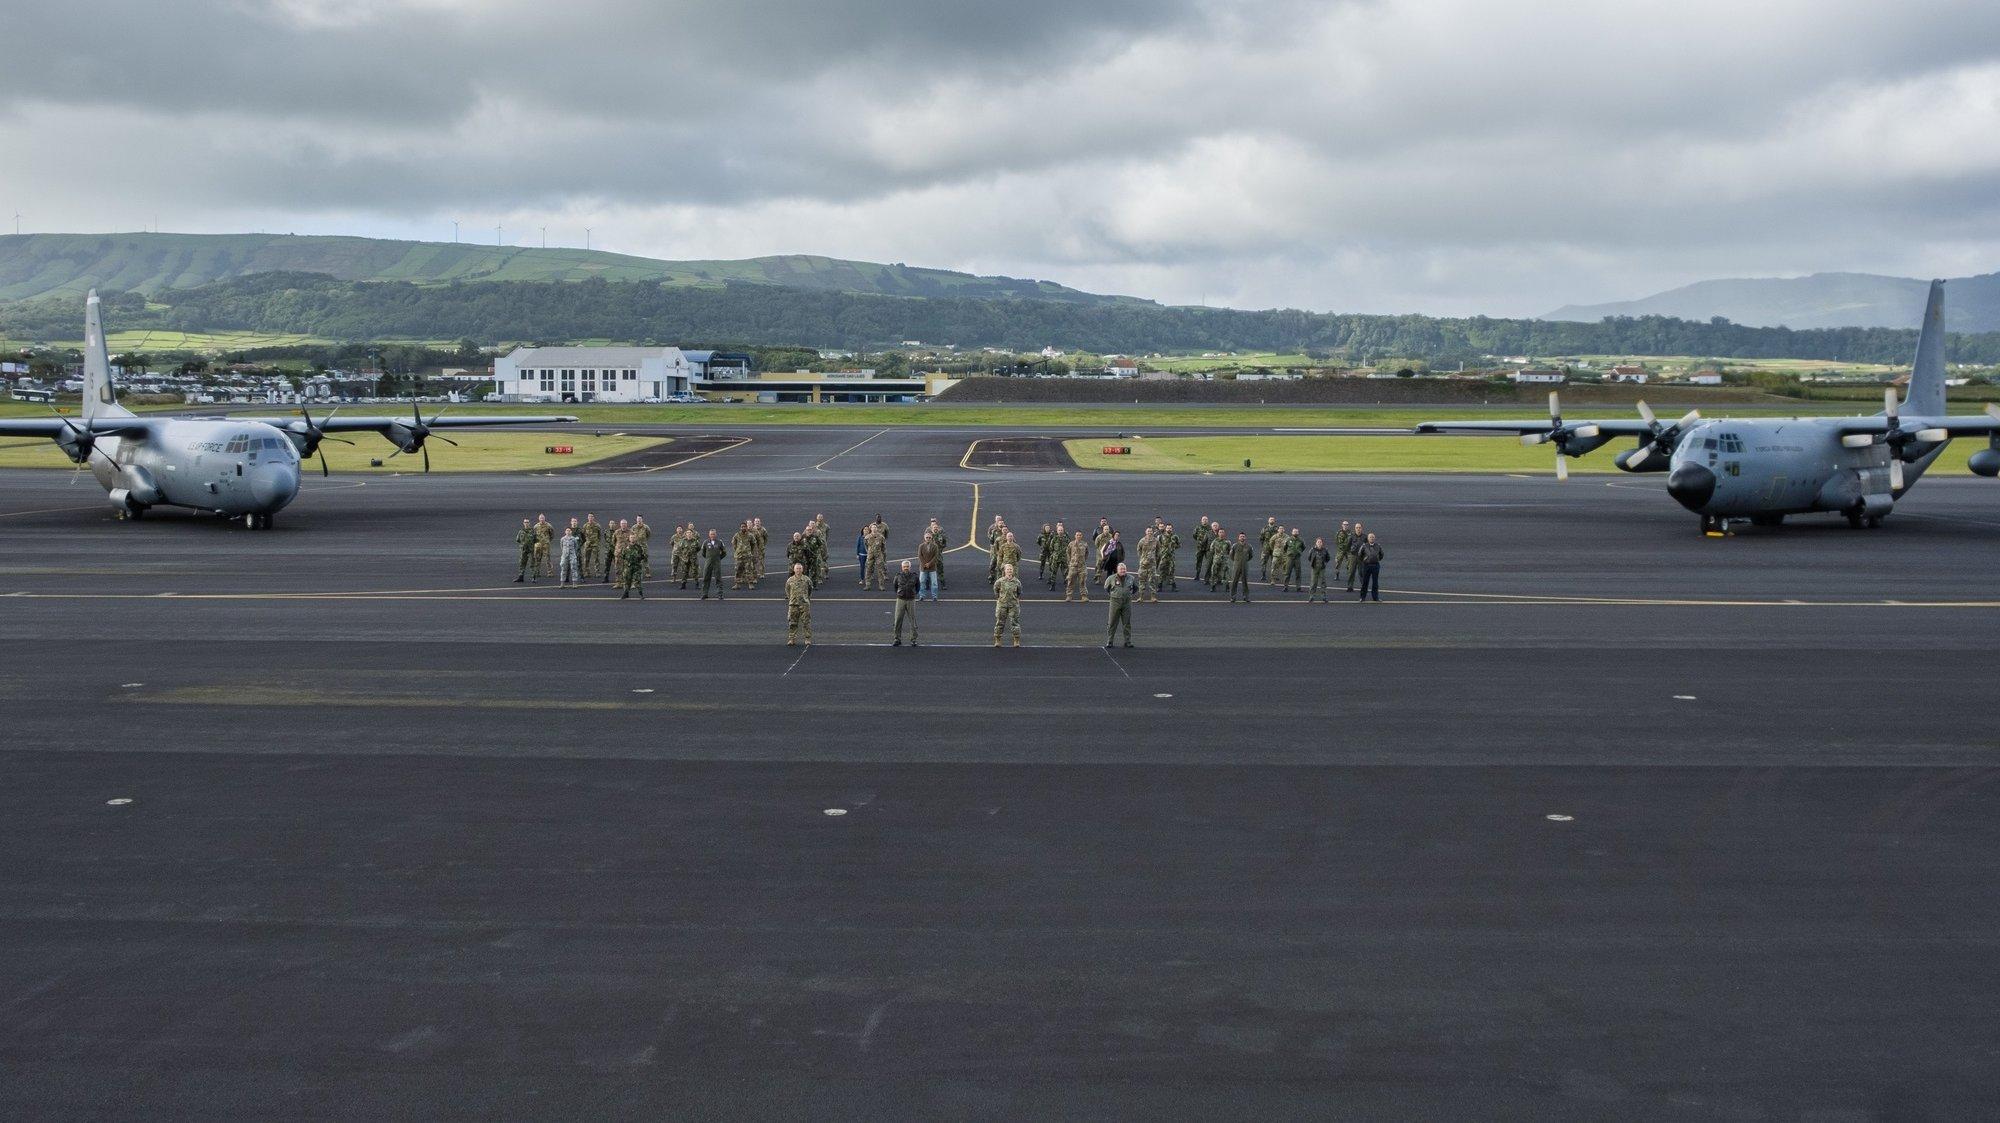 """Base das Lajes onde hoje decorreu a cerimónia conjunta com o Destacamento da Força Aérea dos Estados Unidos da América, 65th Air Base Group (65th ABG), para a inauguração oficial de uma """"Permanent Lajes Landing Zone (PLLZ)"""", Ilha Terceira, Açores, 21 de outubro de 2020. ANTÓNIO ARAÚJO/LUSA"""